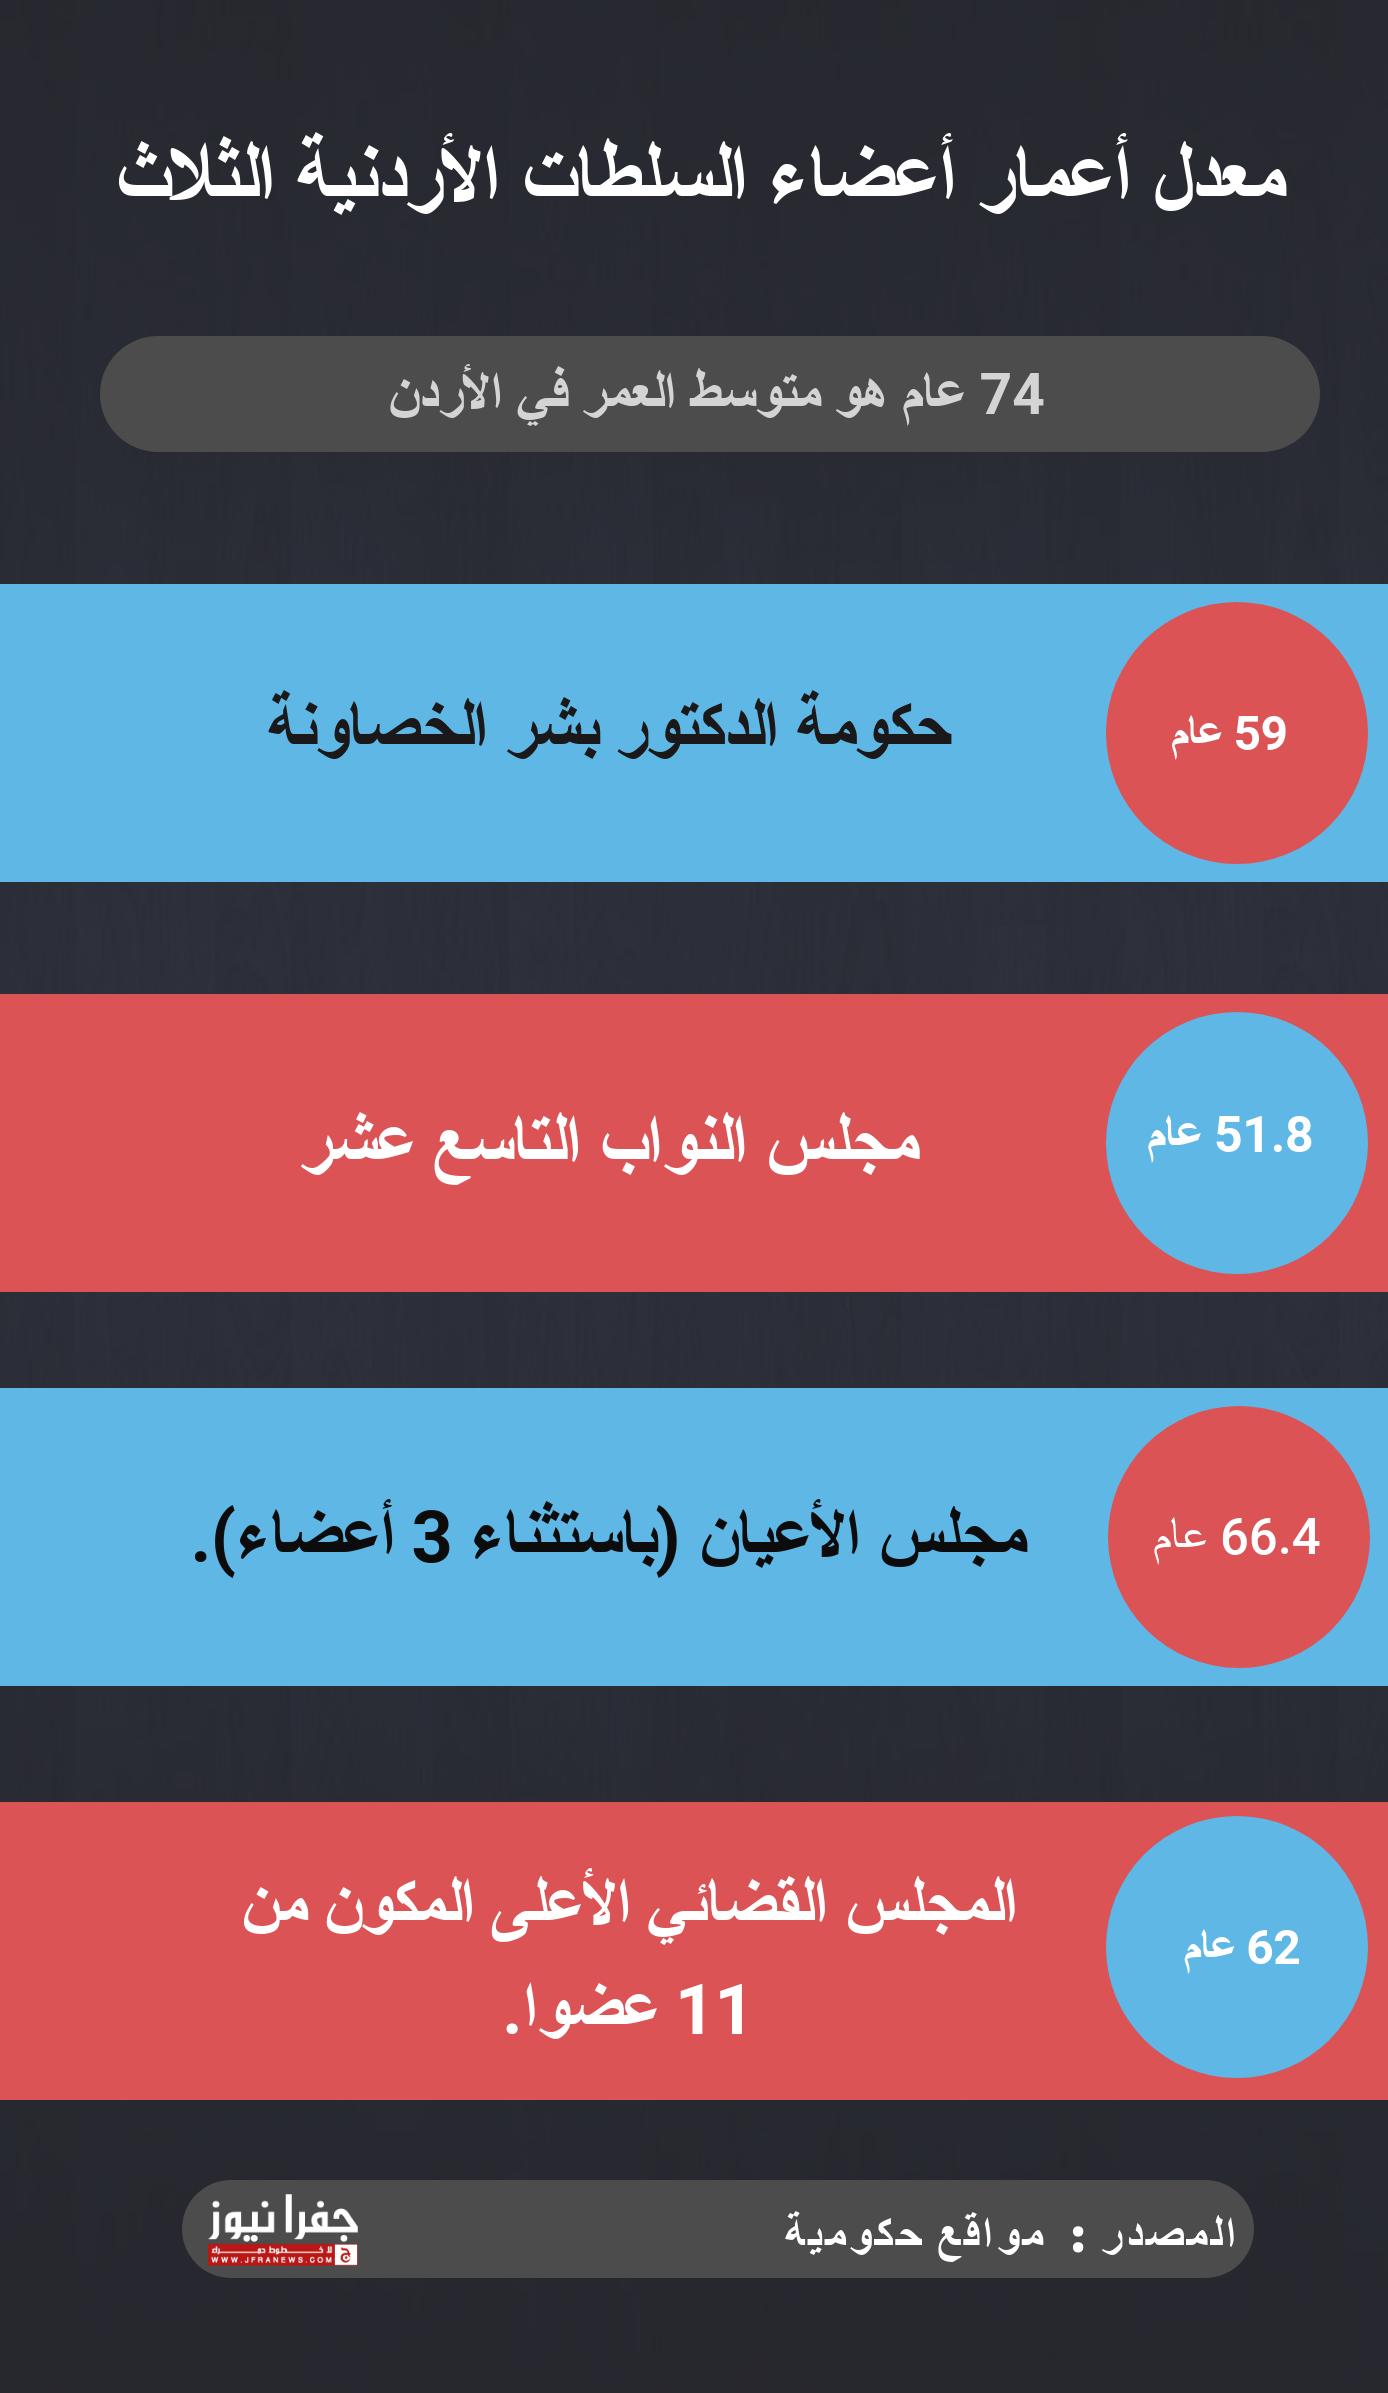 معدل أعمار أعضاء الحكومة ومجلس الأمة والمجلس الأعلى للقضاء